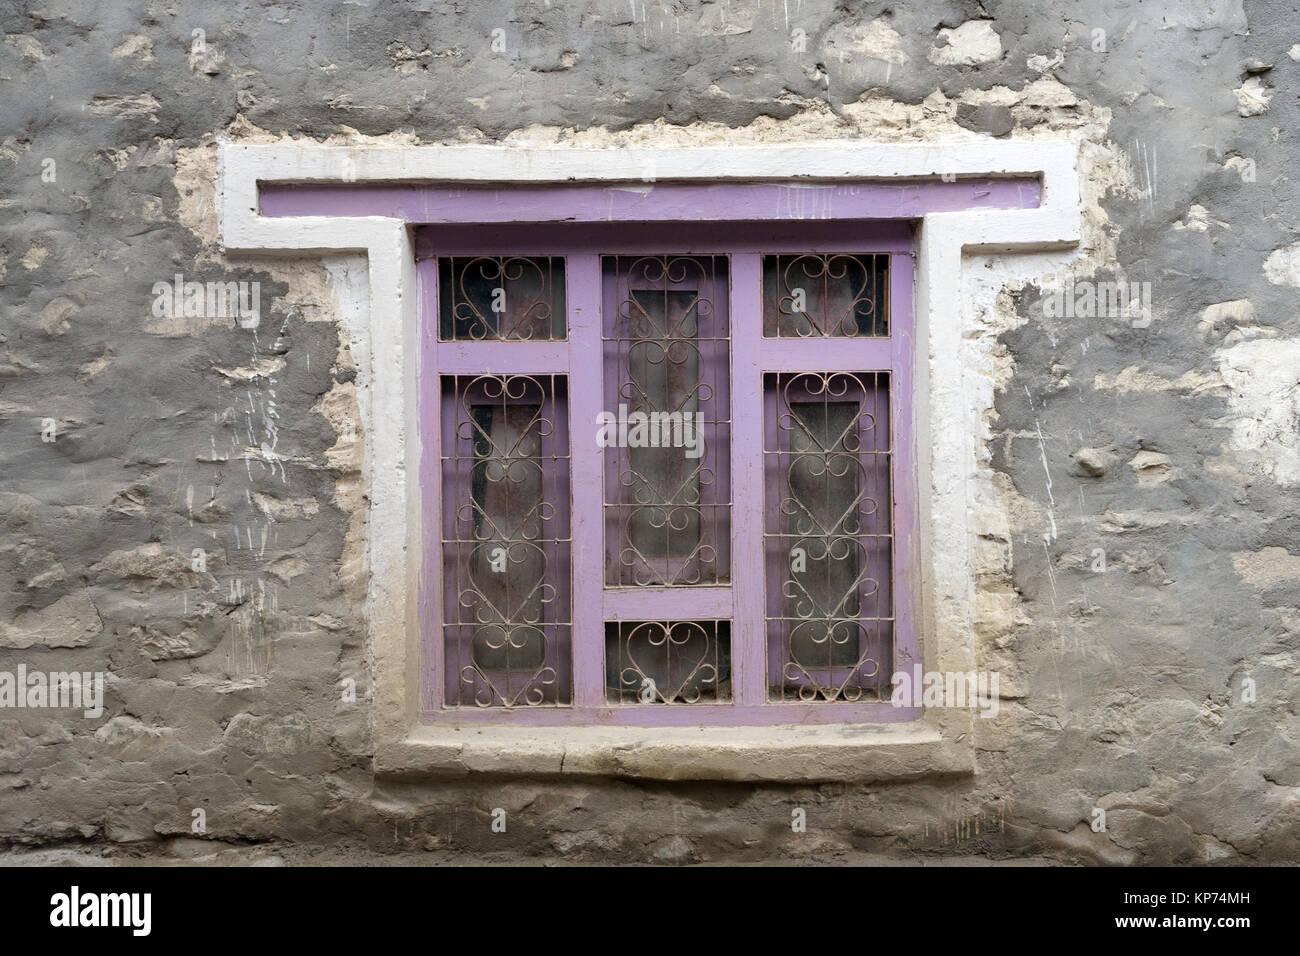 Esterno Di Una Casa : Finestra con viola il telaio in legno sul muro esterno di una casa